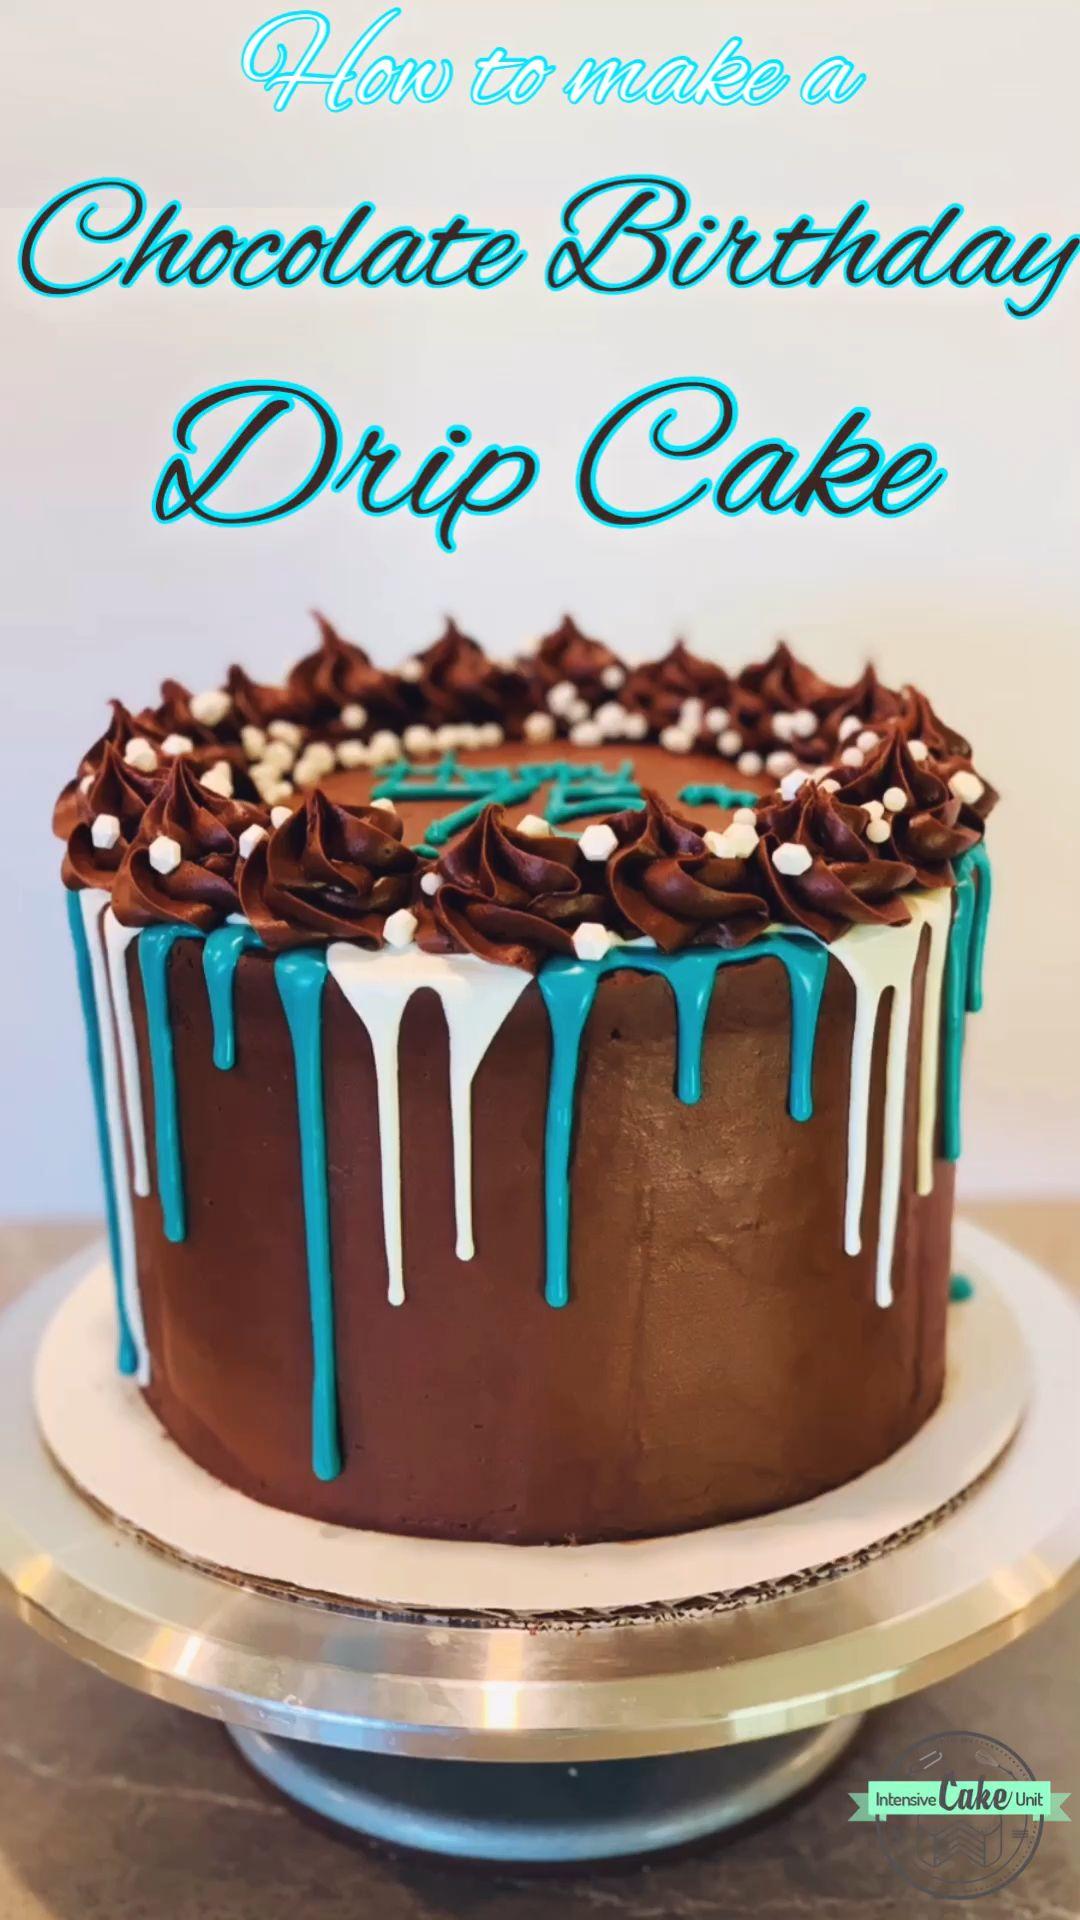 Chocolate Birthday Drip Cake #cakedecoratingvideos